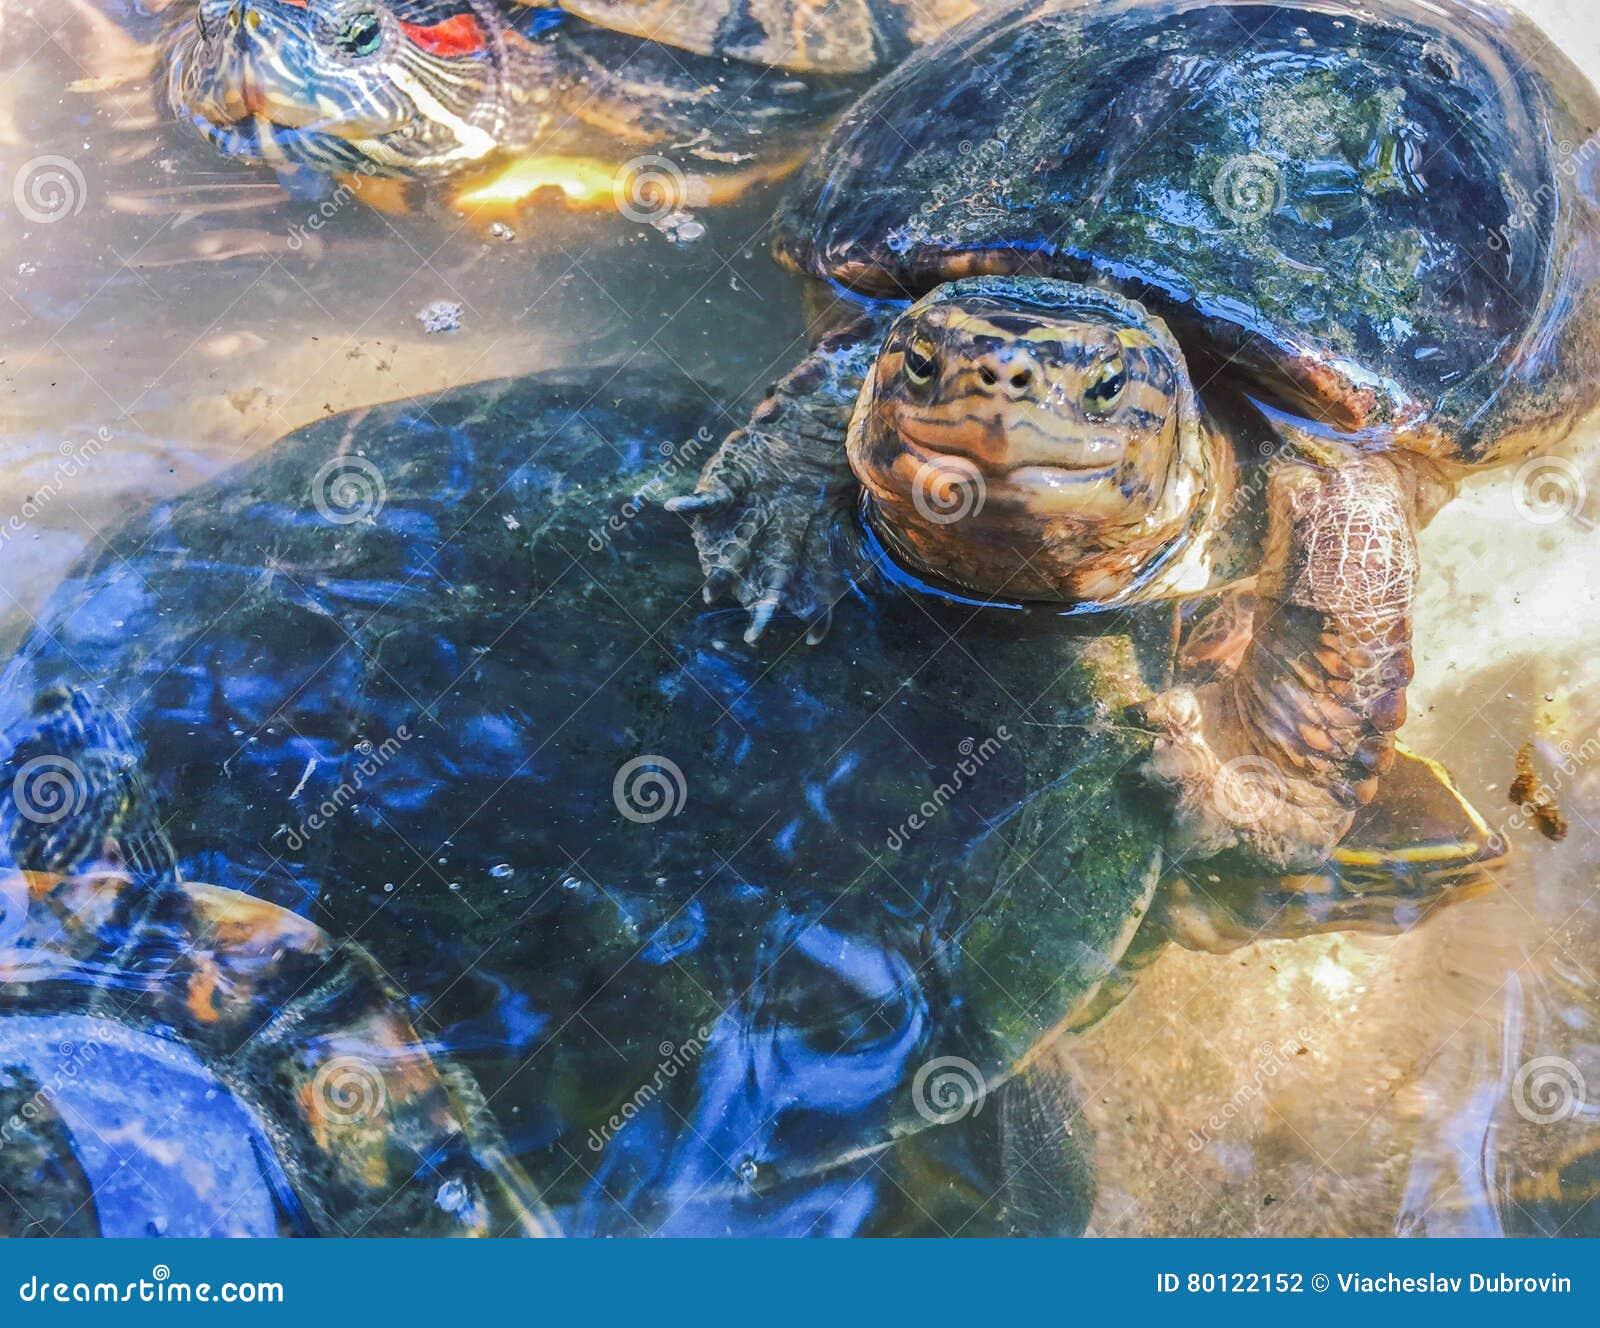 Tartarughe del cursore dello stagno in acqua dolce for Stagno tartarughe